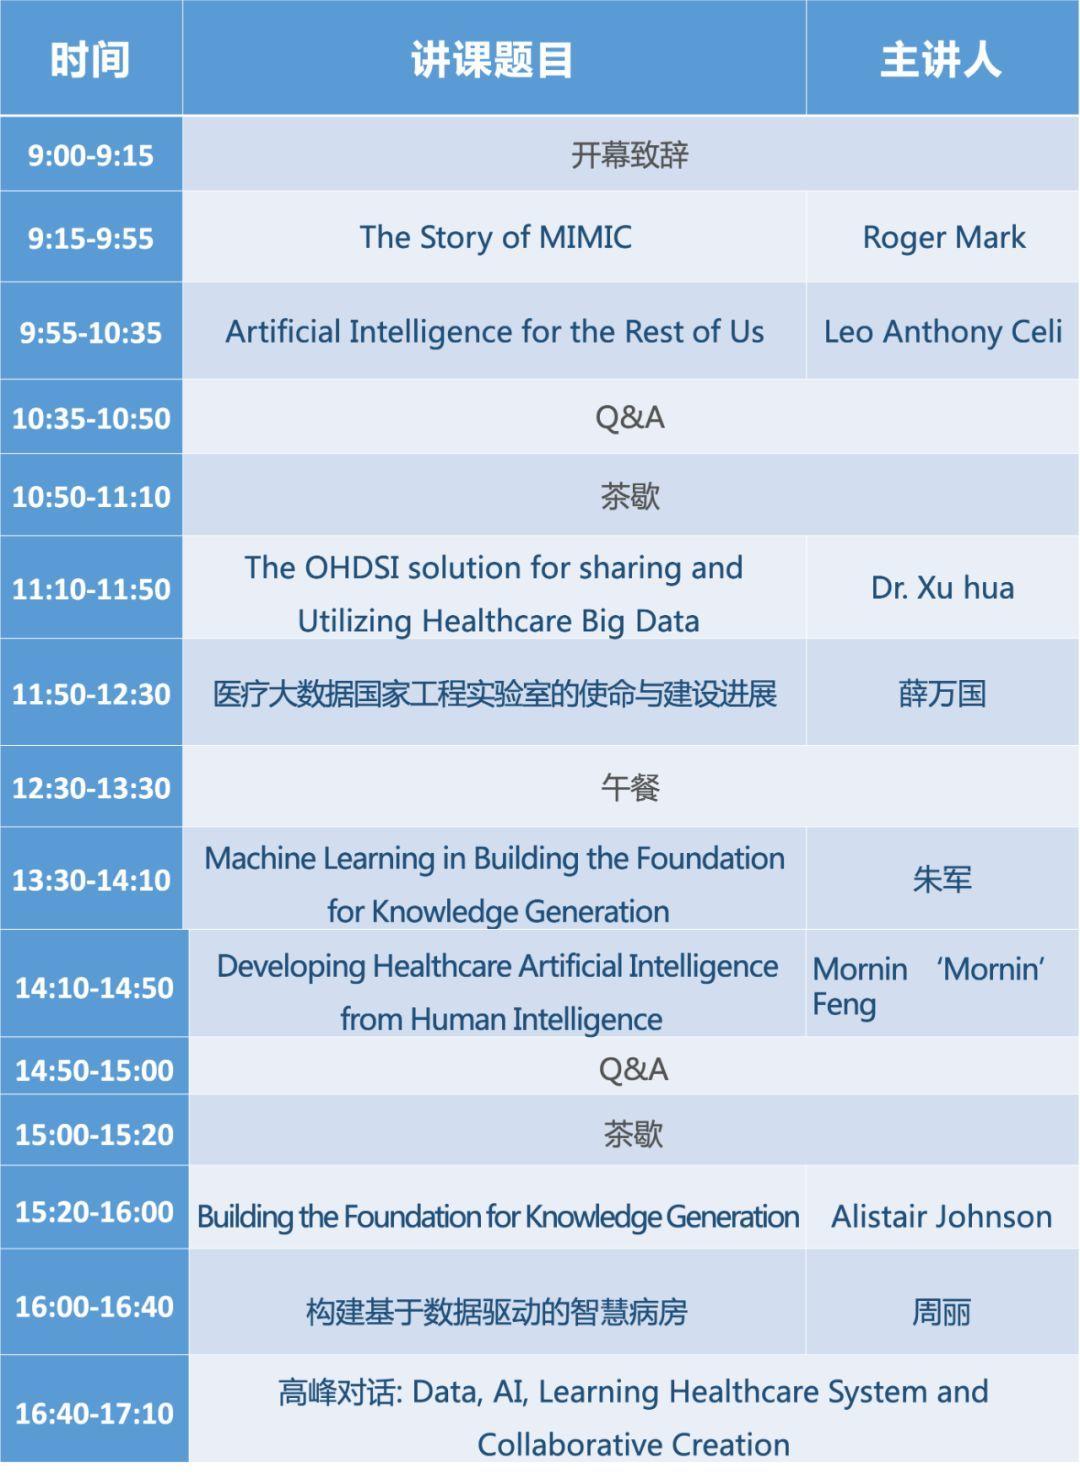 人工智能×医疗大数据重磅学术讲座 | 明日直播预告-集智俱乐部